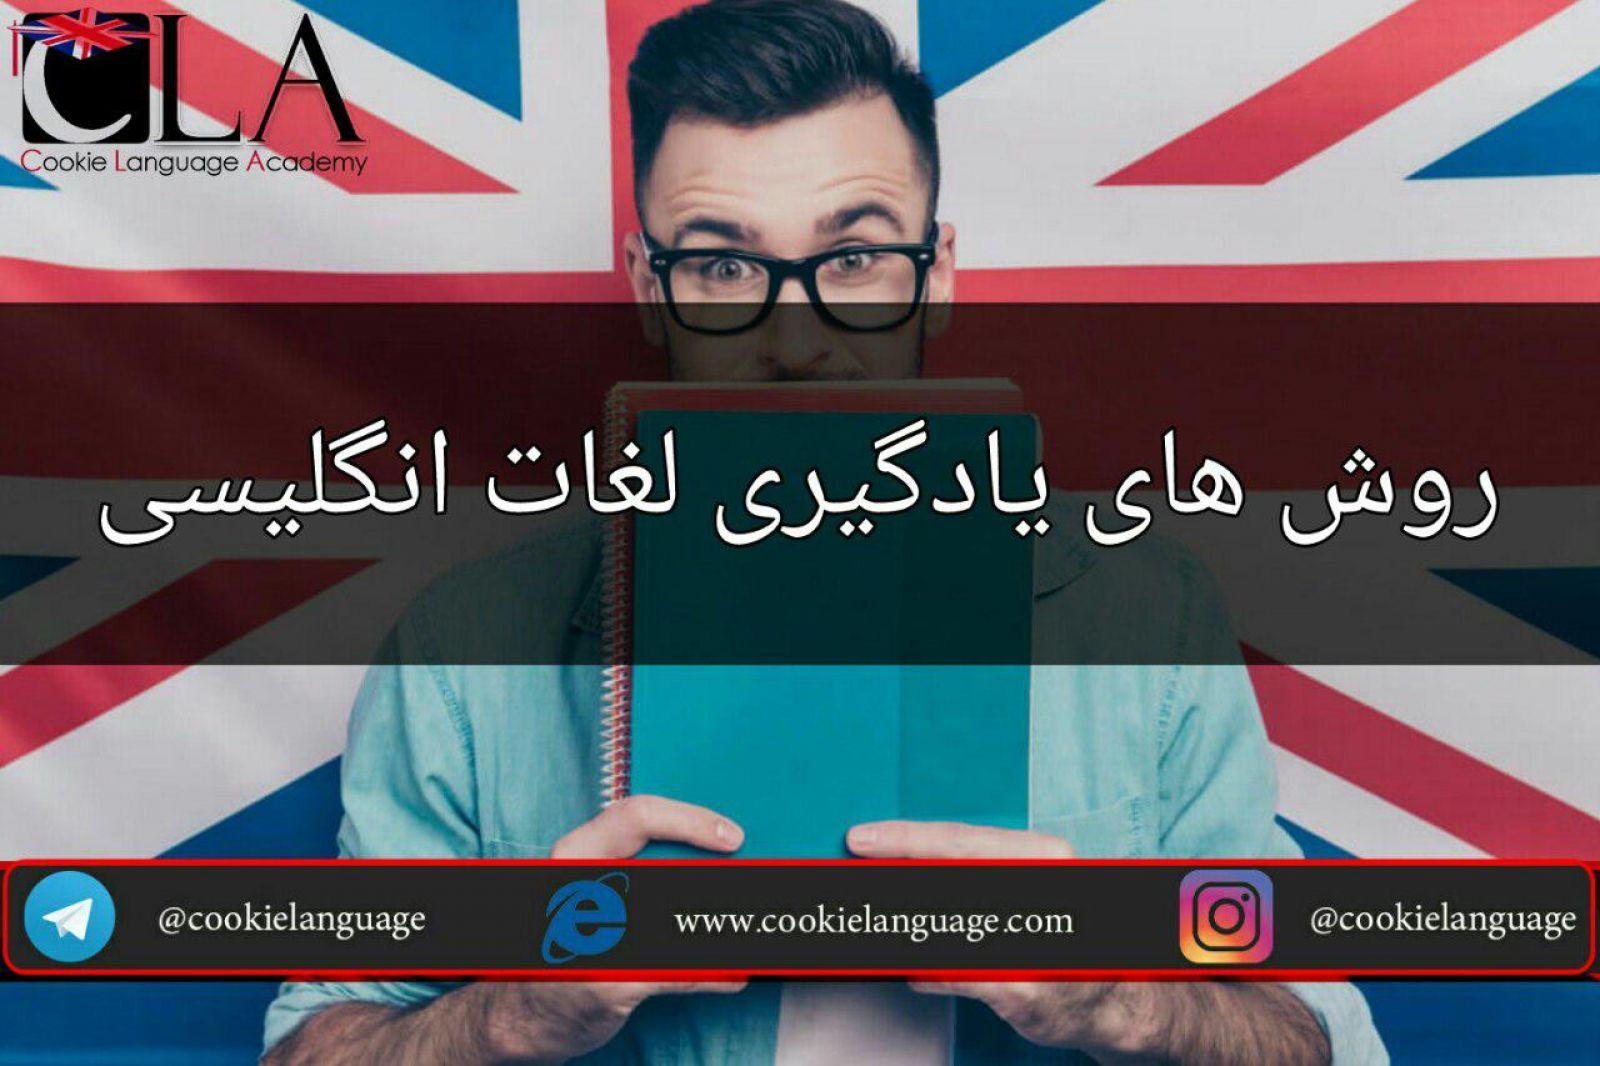 یادگیری لغت انگلیسی با بازی